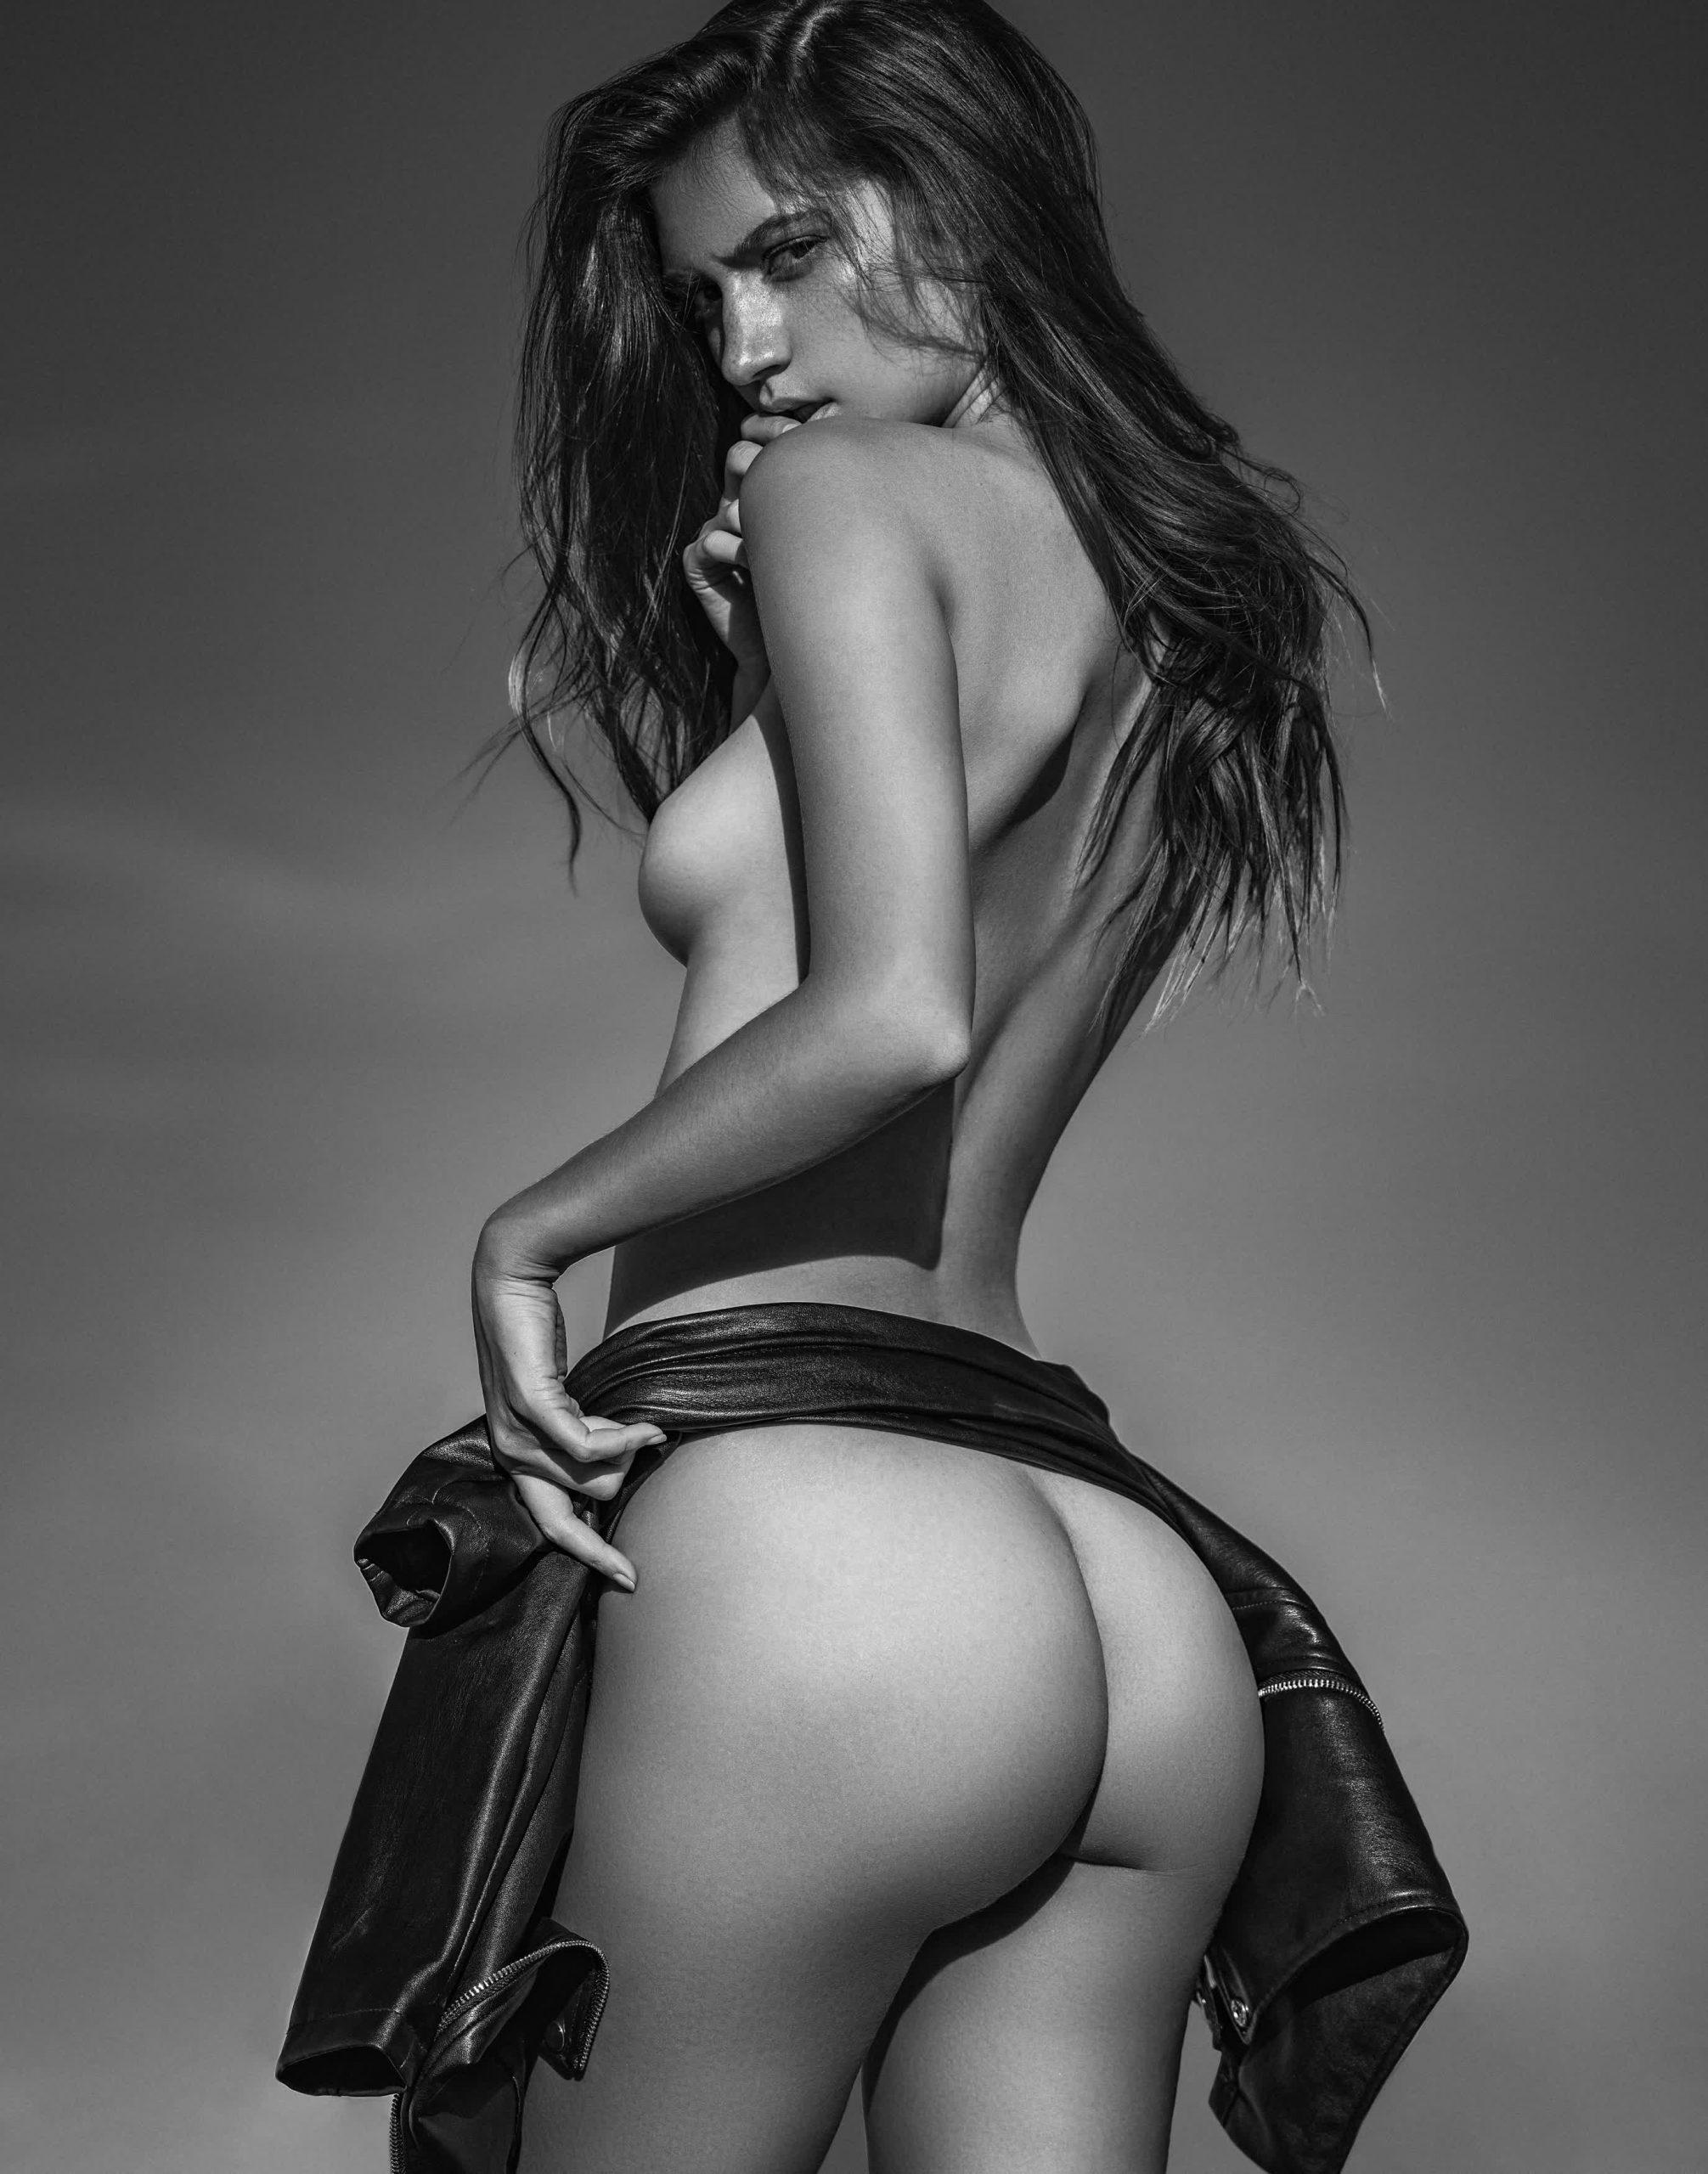 Elizabeth Elam - Kesler Tran photoshoot